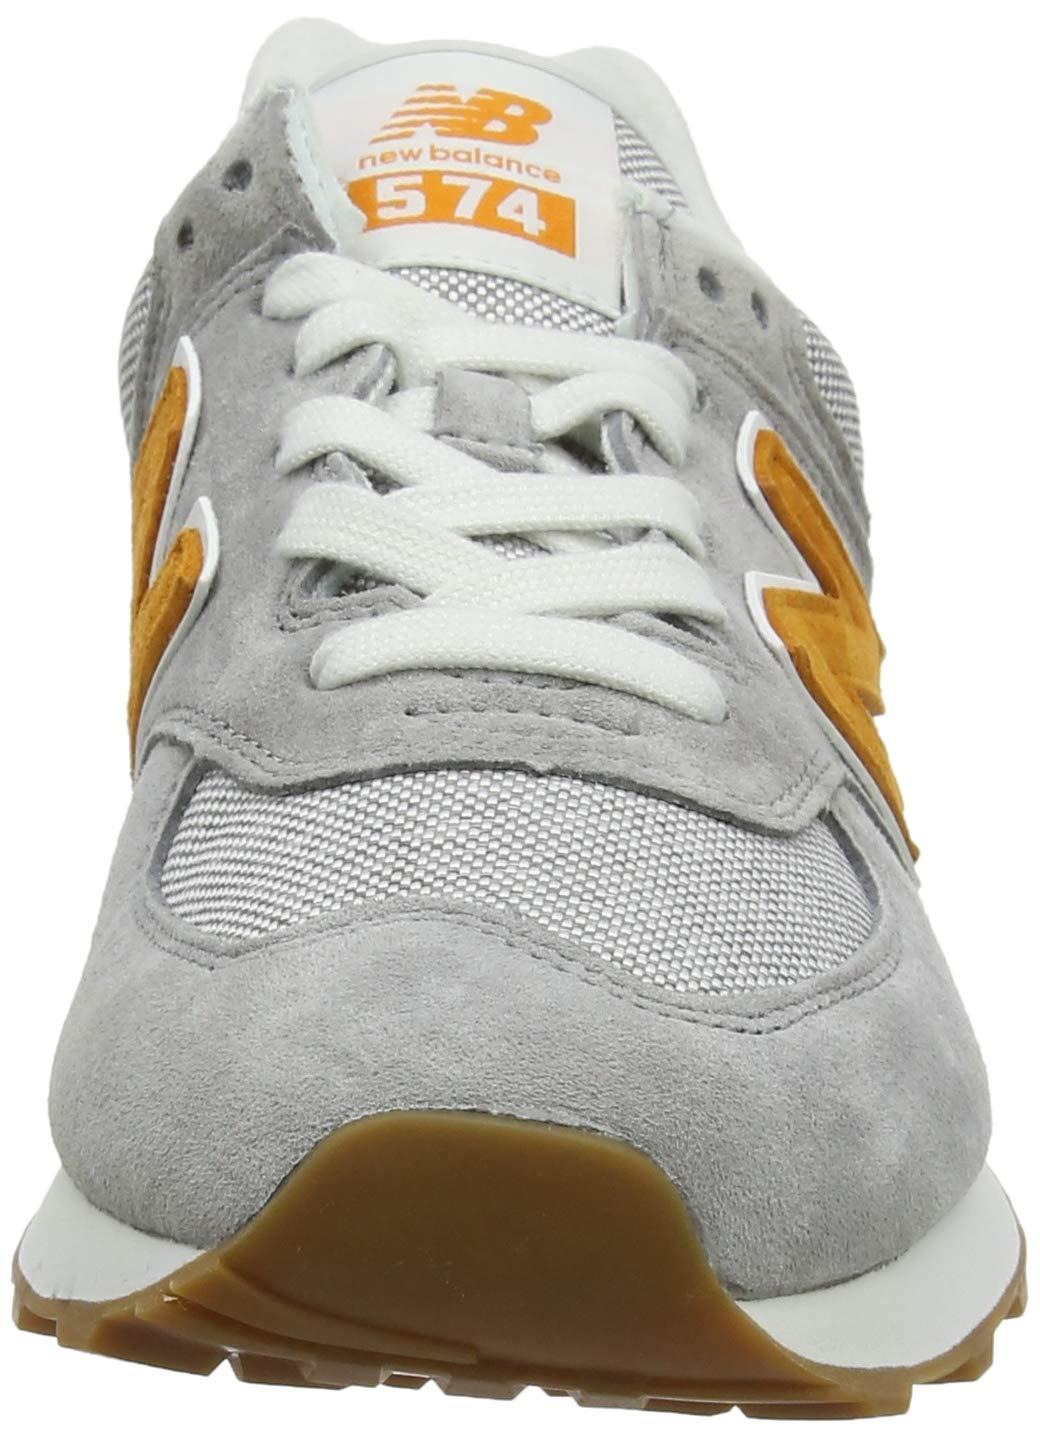 new balance 574 grigio arancione uomo